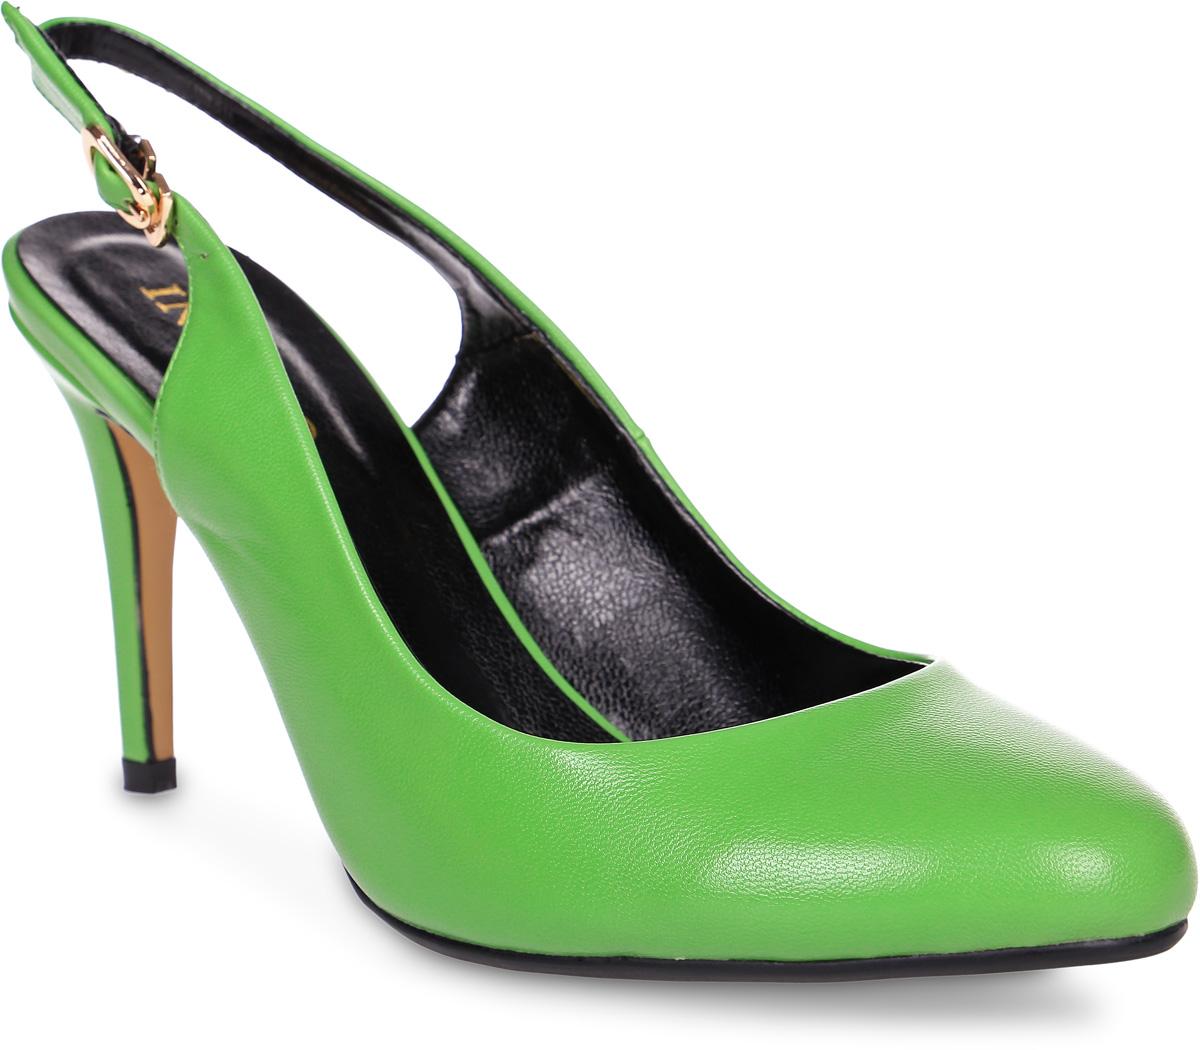 Туфли женские Inario, цвет: зеленый. 17088-01-21. Размер 4017088-01-21Элегантные туфли Inario с открытой пяткой выполнены из искусственной кожи. Внутренняя поверхность и стелька из искусственной кожи обеспечат комфорт при движении. Ремешок с металлической пряжкой надежно зафиксирует модель на ноге. Туфли имеют закругленный мысок и устойчивый каблук-шпильку.